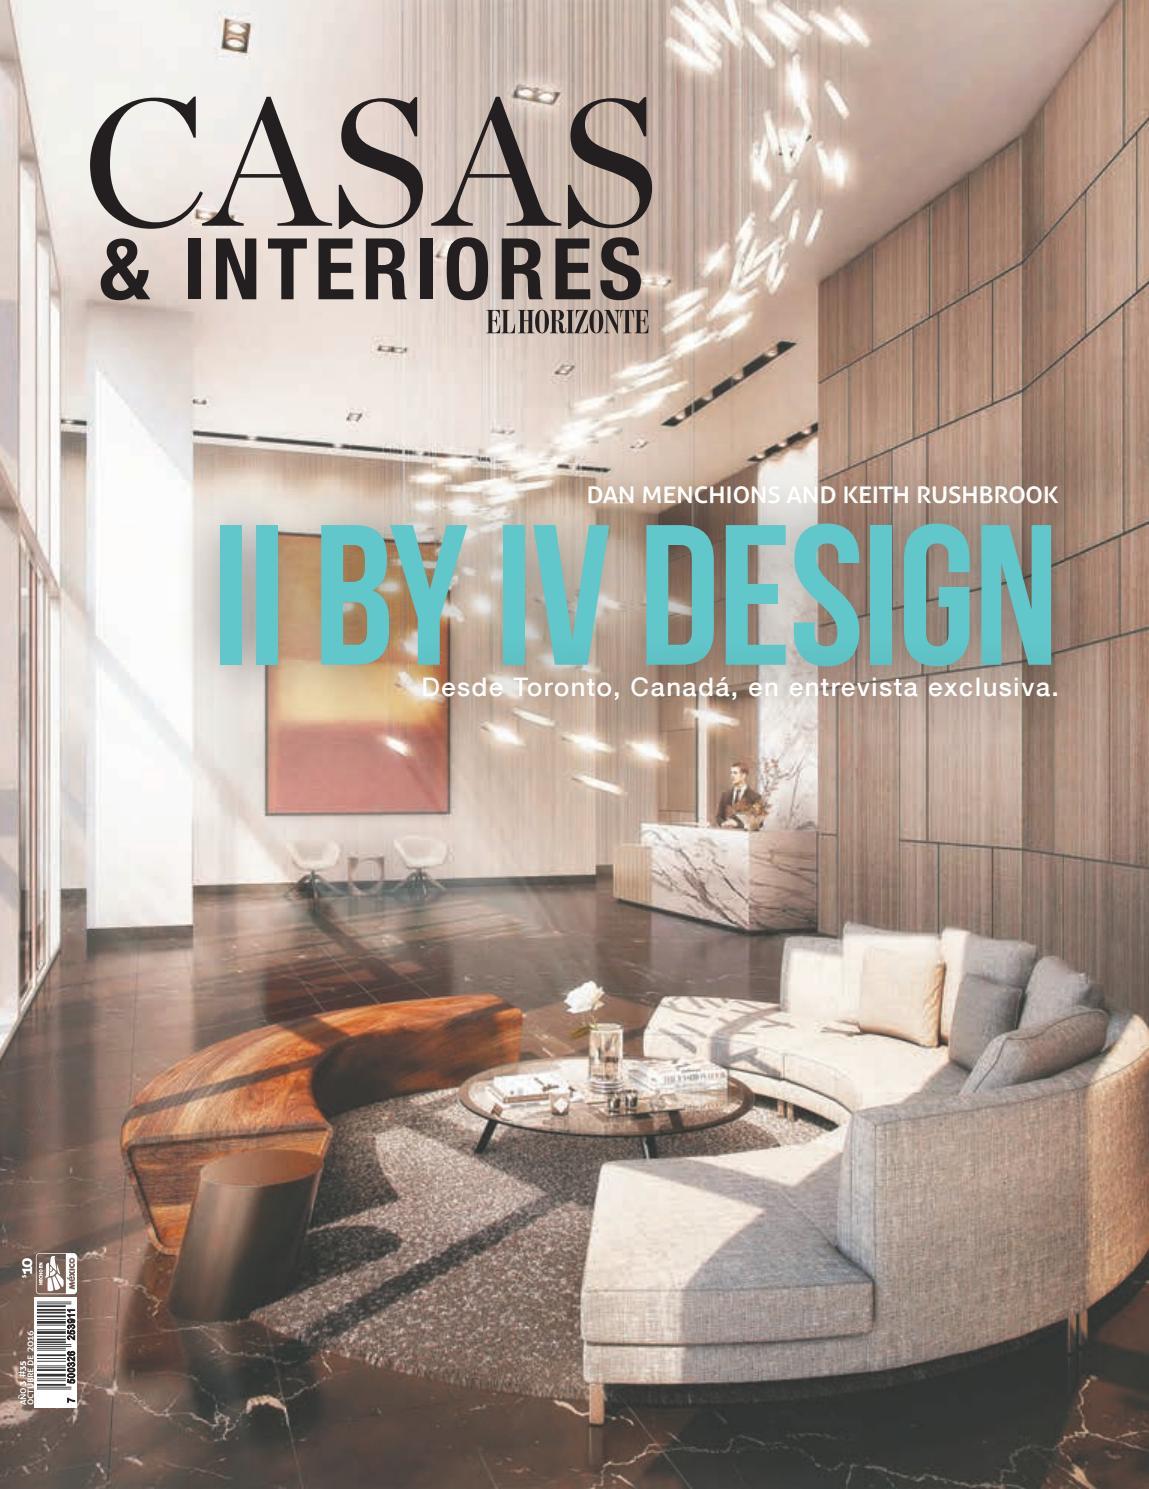 Casas & Interiores #35 by Estilo de Vida El Horizonte - issuu